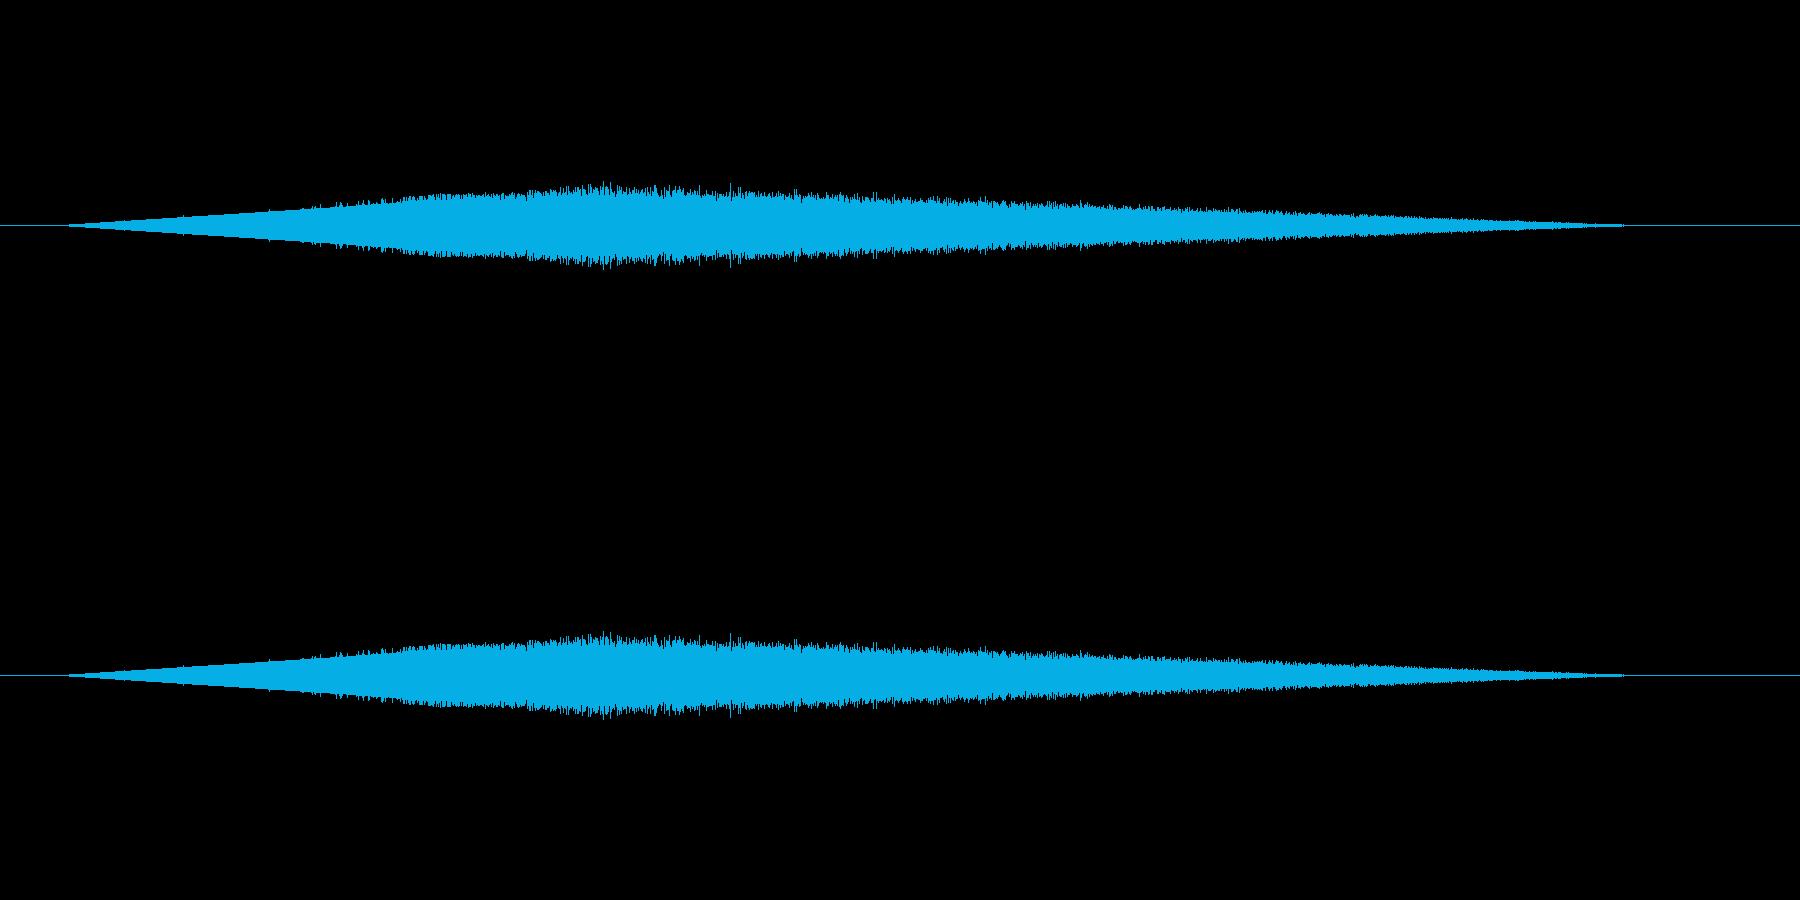 レトロゲーム風魔法・水系1の再生済みの波形